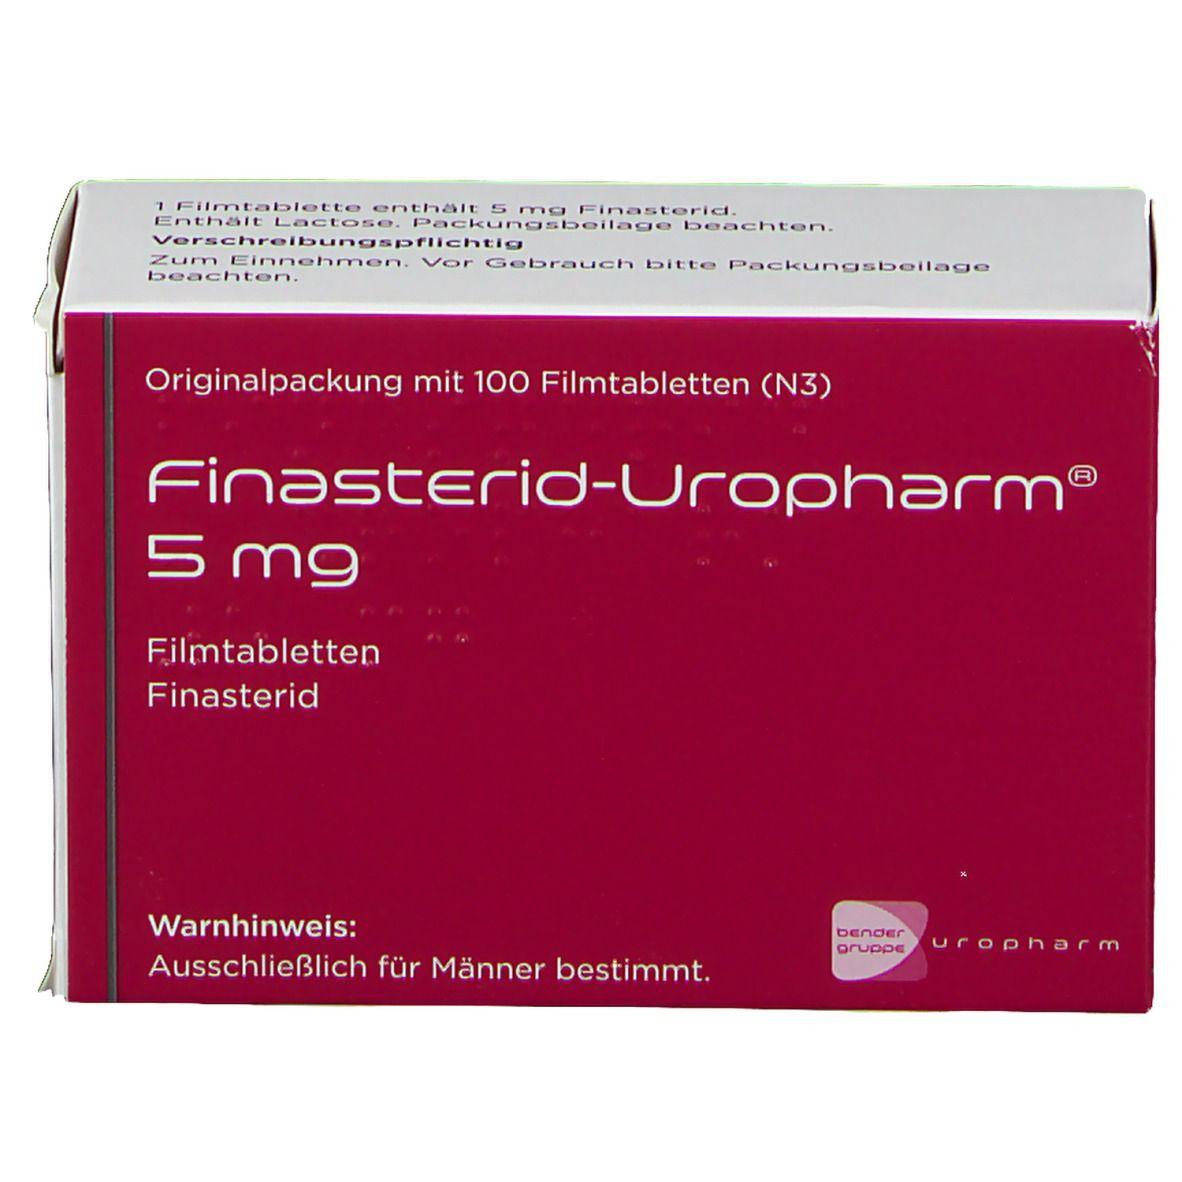 FINASTERID Uropharm Filmtabletten